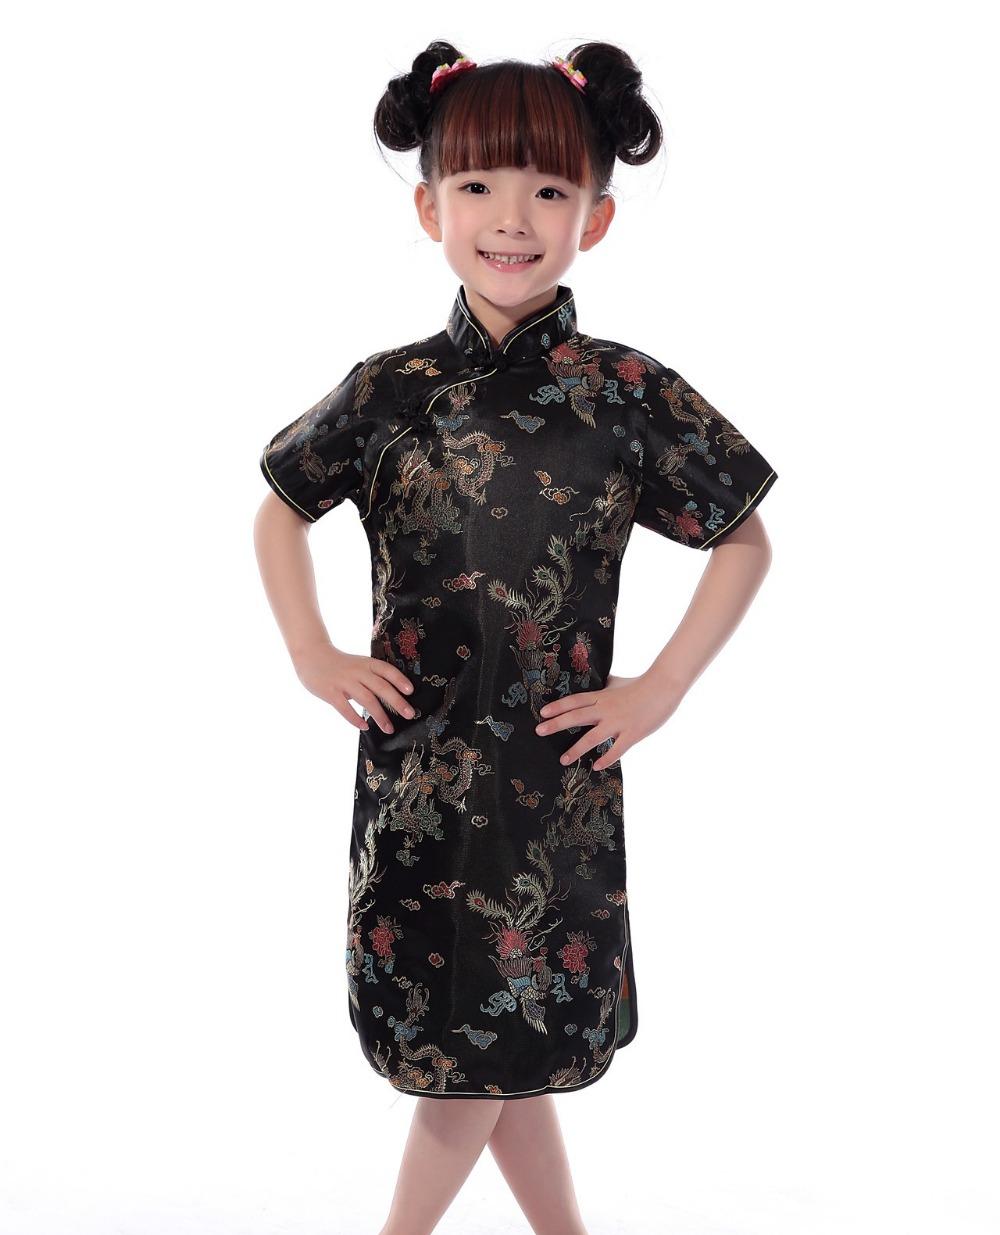 [해외]상해 이야기 러시아 핫 세일  아이 아이 소녀 드래곤 Cheongsam 복장 소녀 Qipao 가짜 실크 옷/Shanghai Story Russia Hot sale Chinese Kid Child Girl Dragon Cheongsam Dress girls Qip